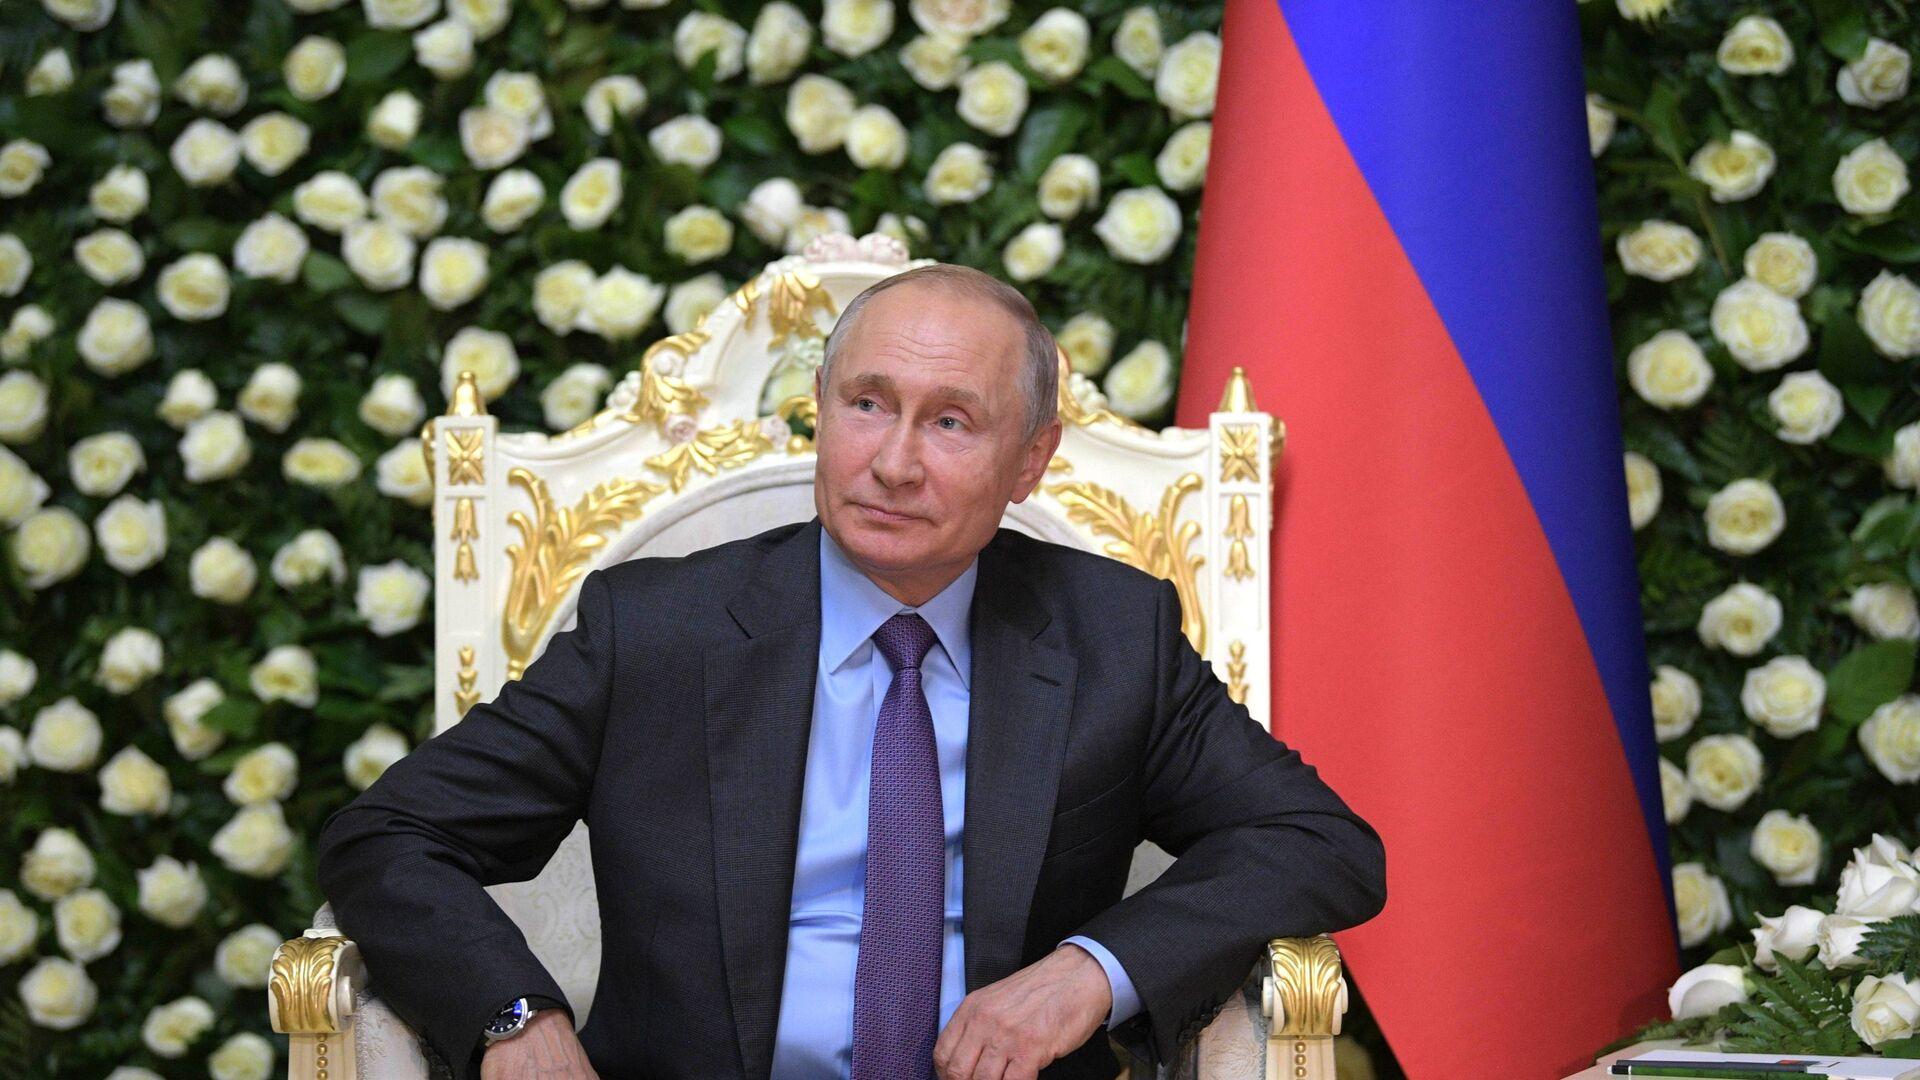 Президент РФ В. Путин прибыл в Душанбе для участия в саммите СВМДА - Sputnik Таджикистан, 1920, 14.09.2021